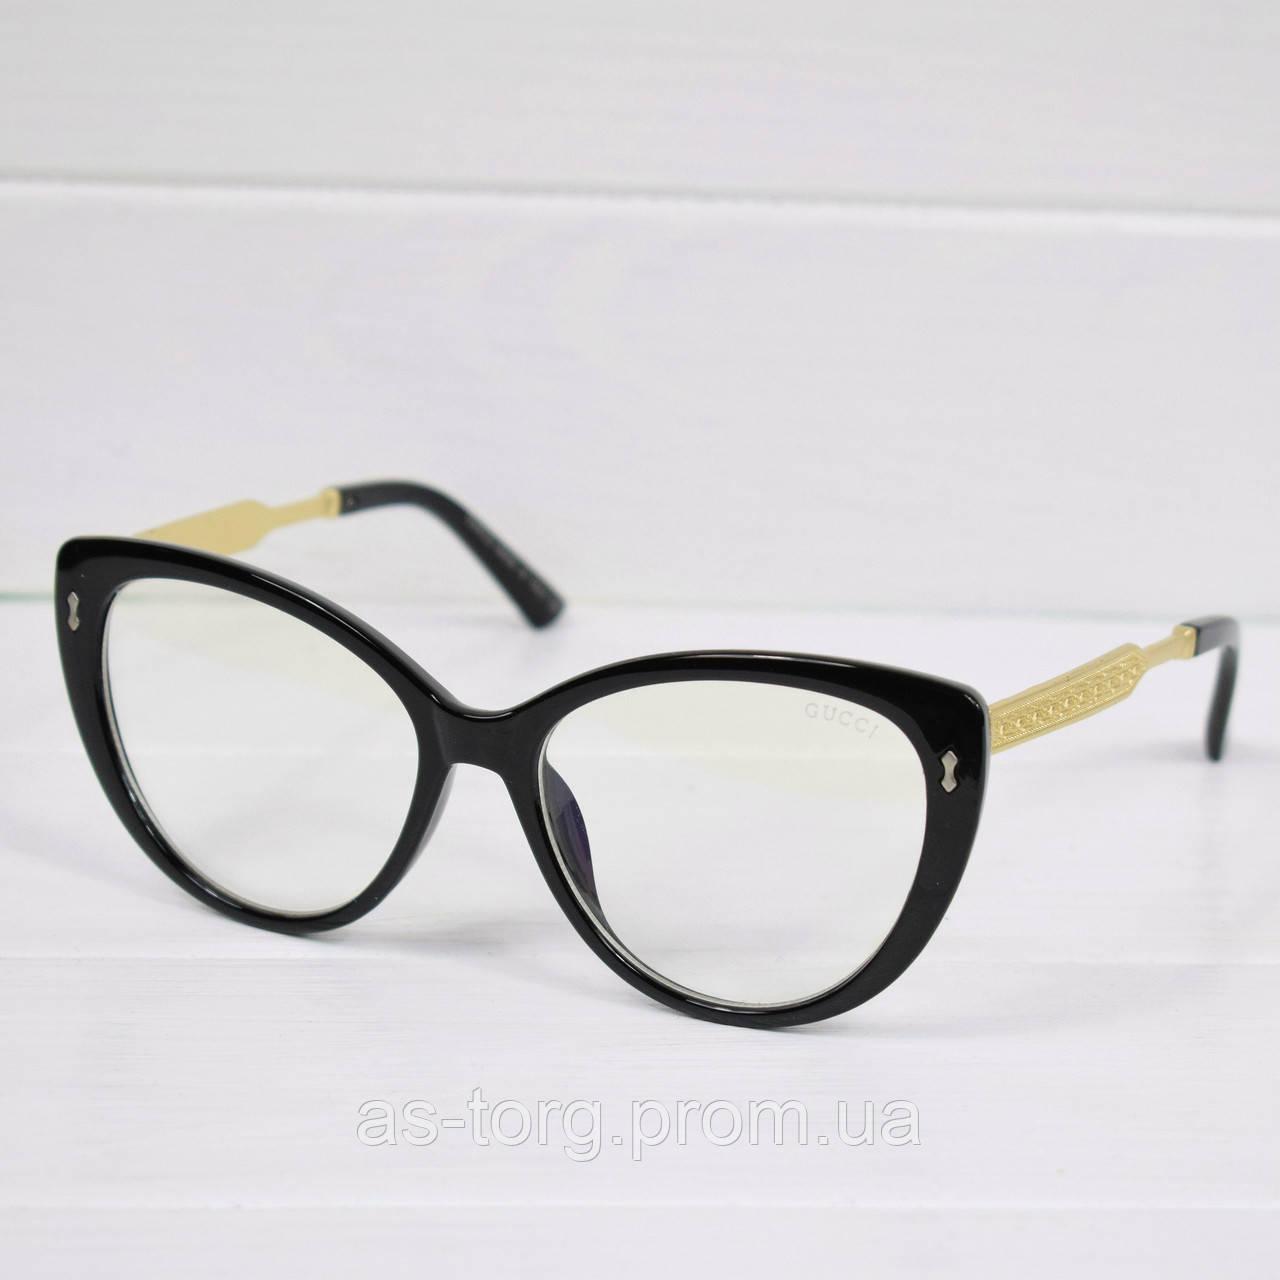 Очки женские Gucci имидж, магазин очков  продажа, цена в Днепре ... e30a226a34e